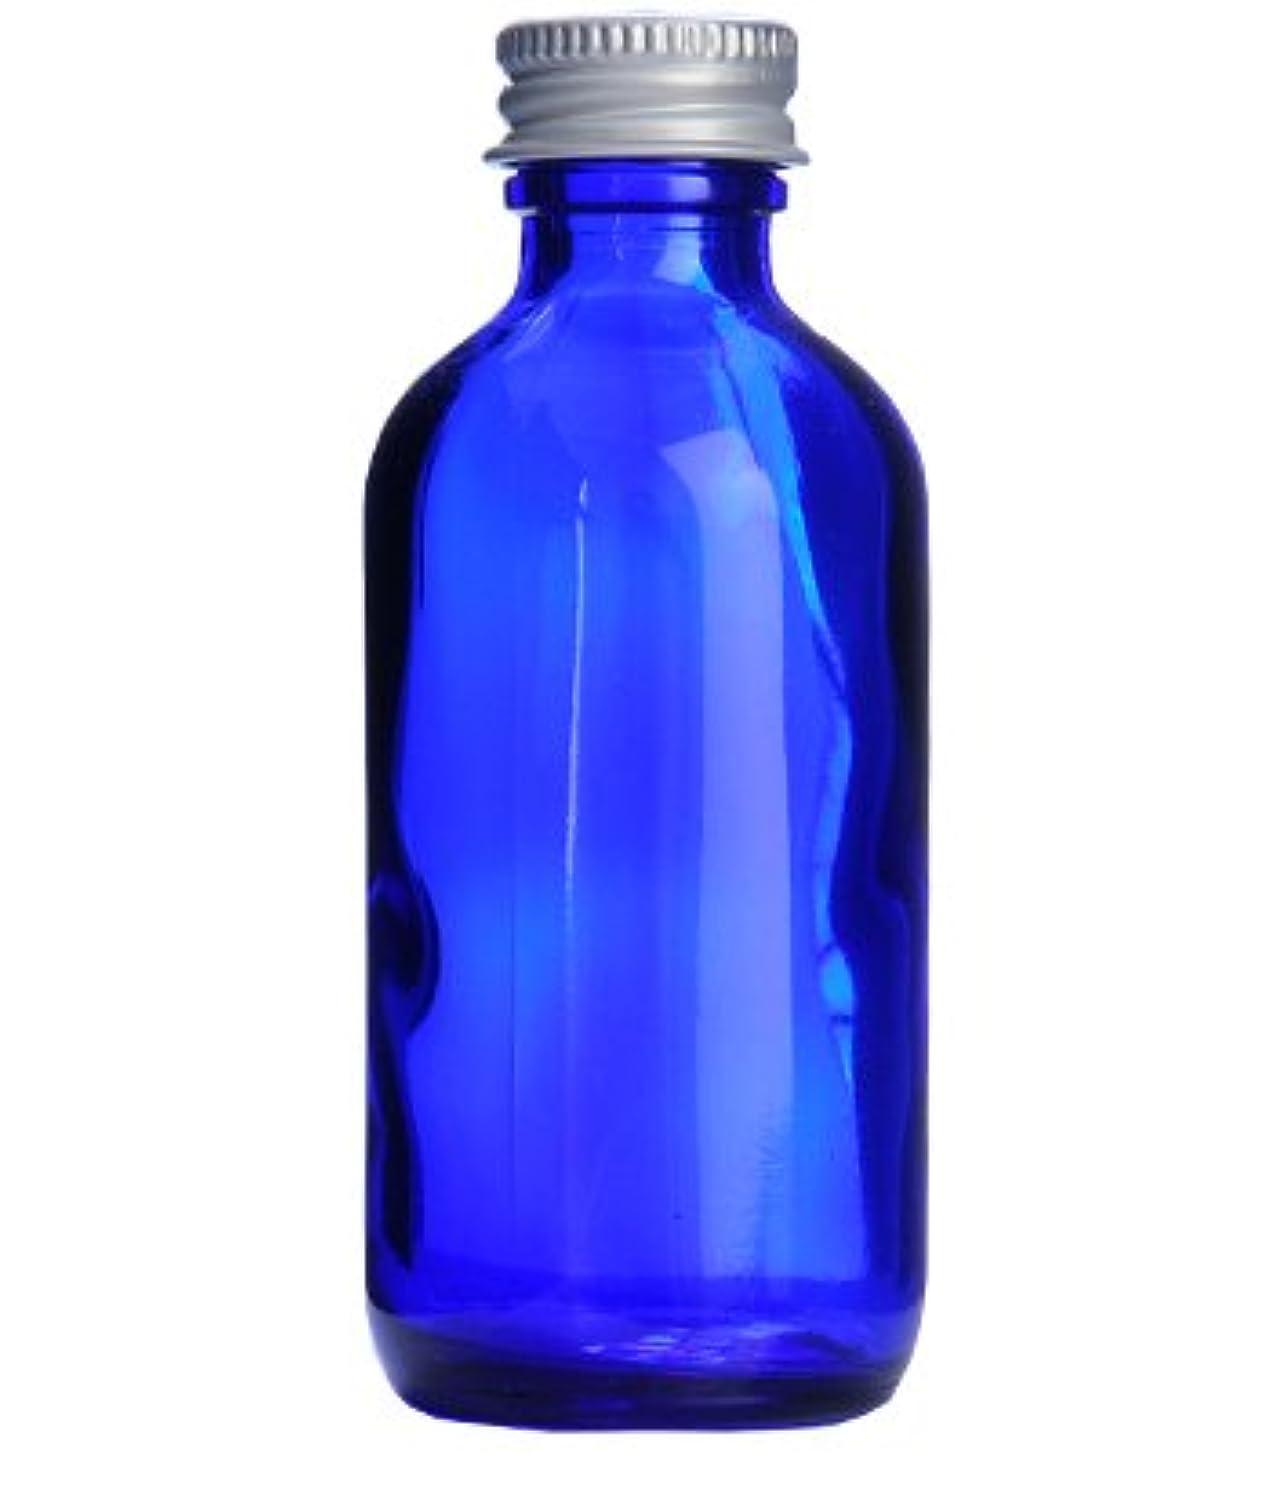 案件比率文化コバルトガラスボトル?アルミキャップ[60ml]/1個